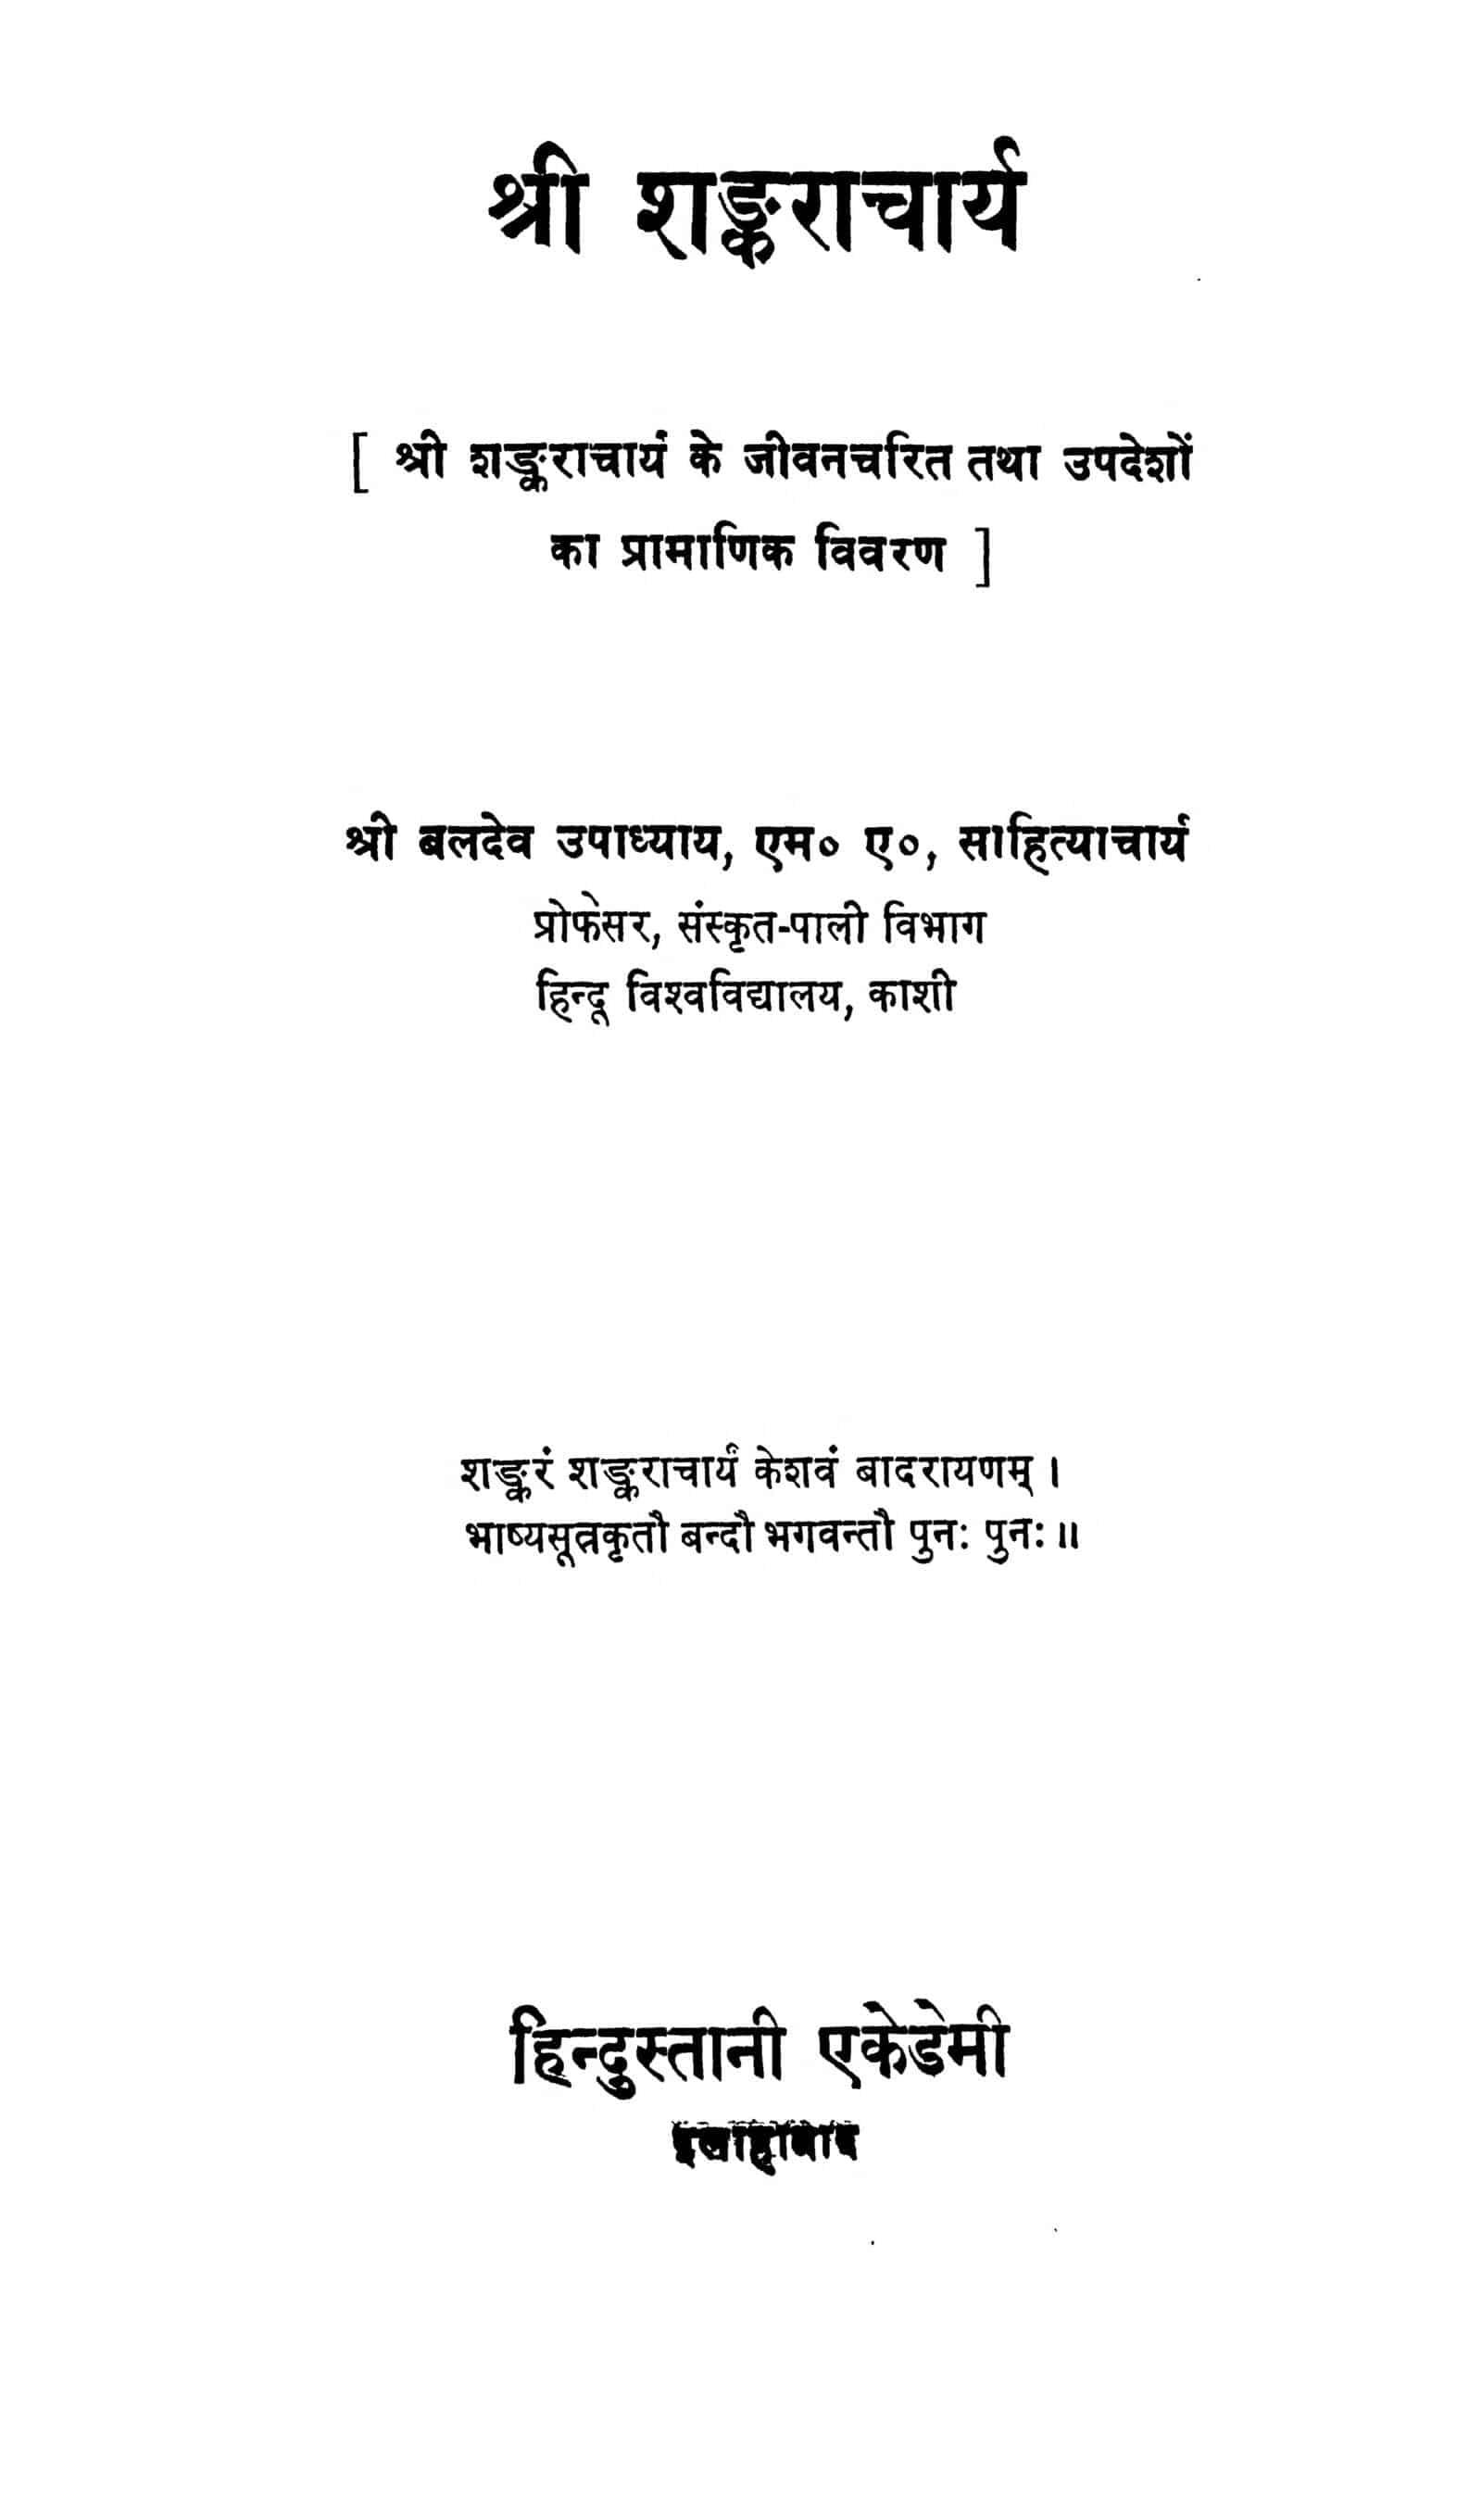 Shri Shankarachary by बलदेव उपाध्याय - Baldev Upadhyay